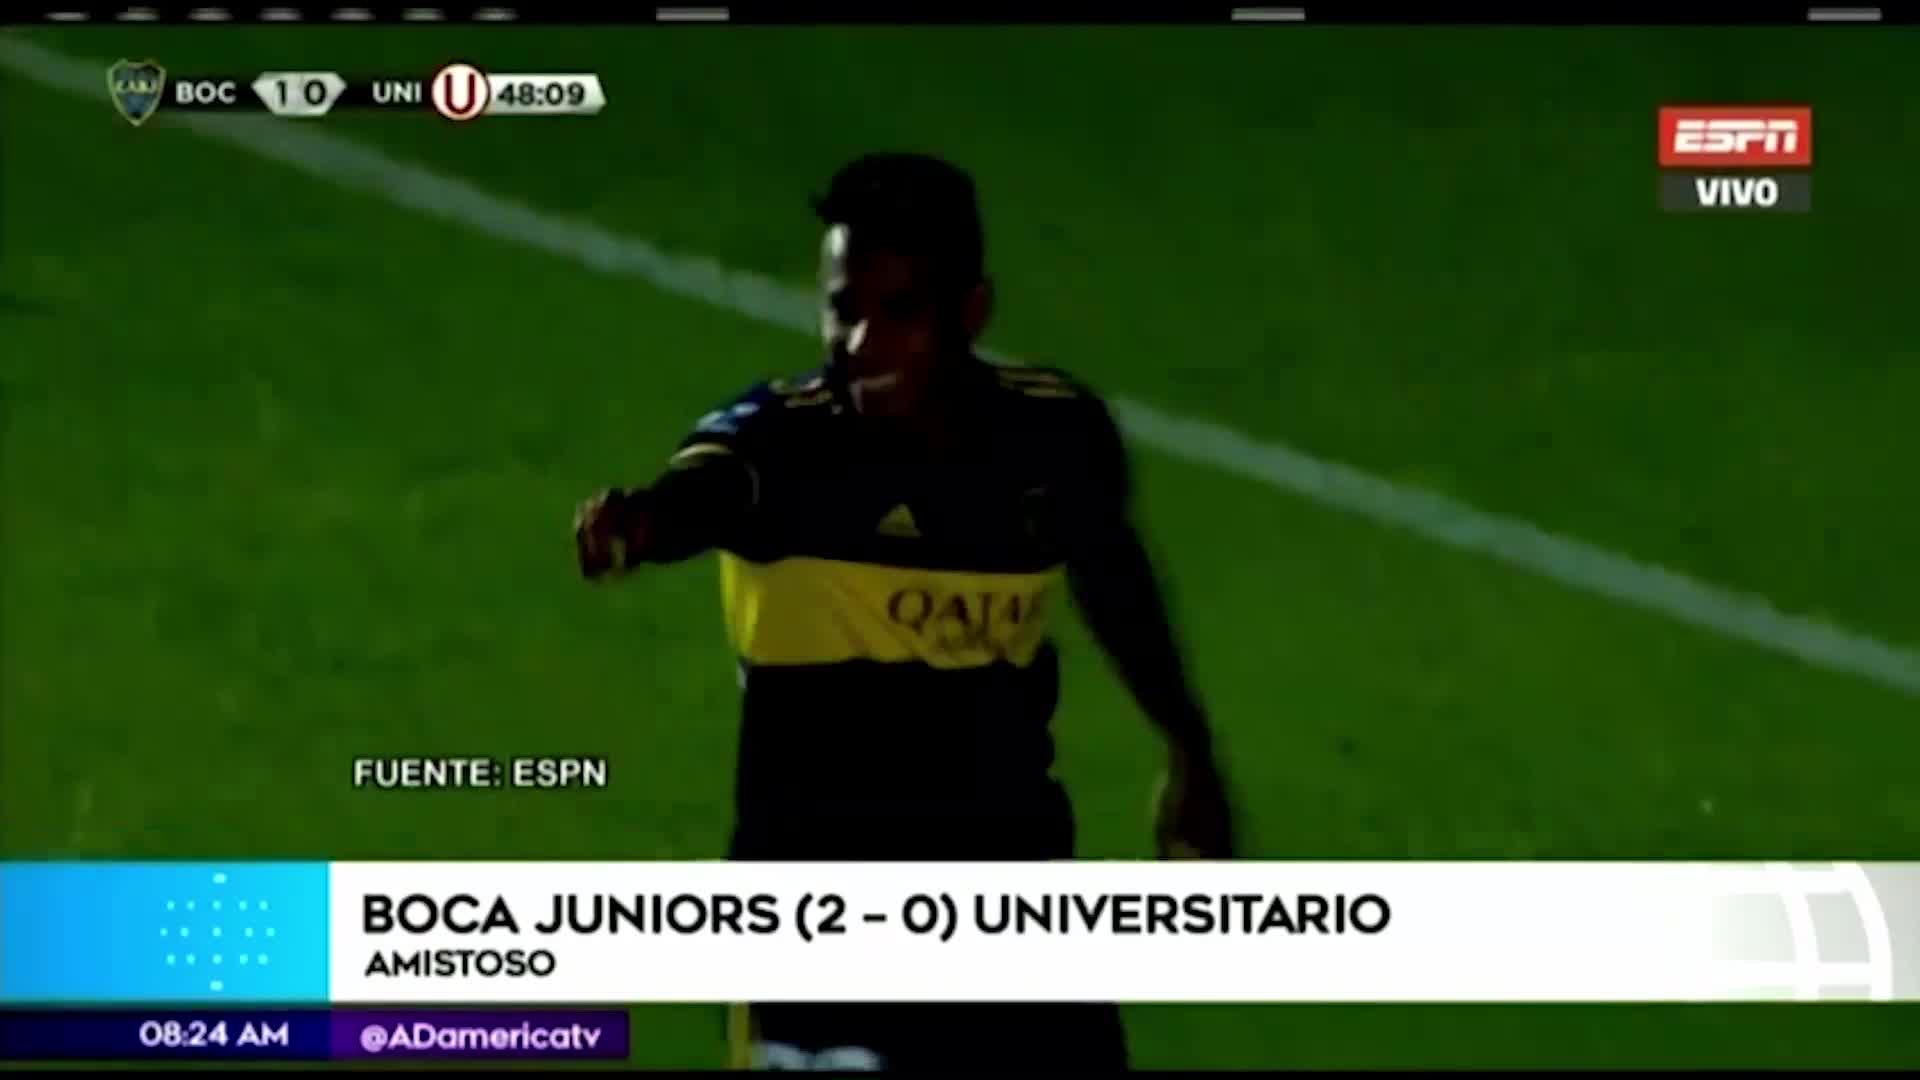 Boca Juniors venció por 2-0 a Universitario de Deportes en el estreno de Russo